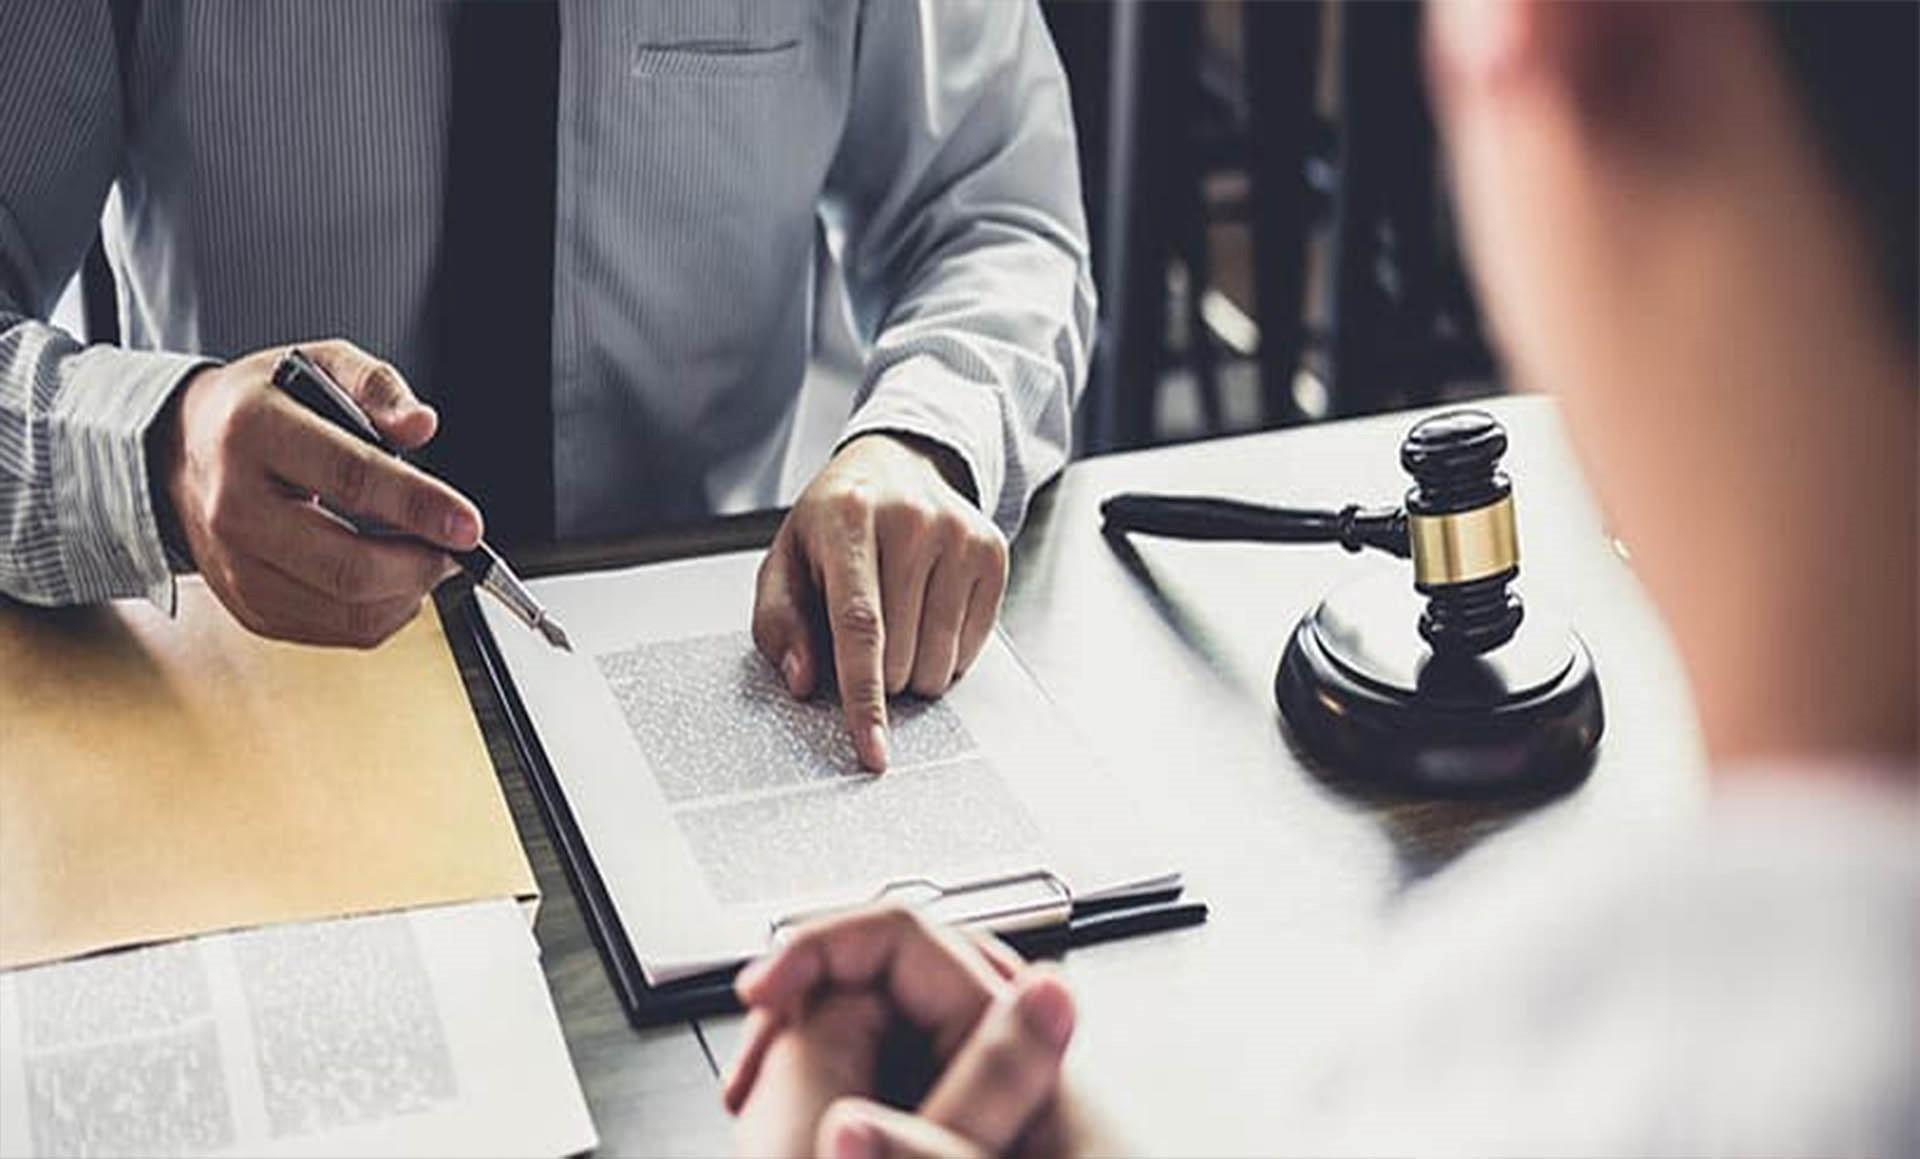 نمونه های قانونی تمسک به وسایل و ابزار نادرست در جرم کلاهبرداری کدامند؟